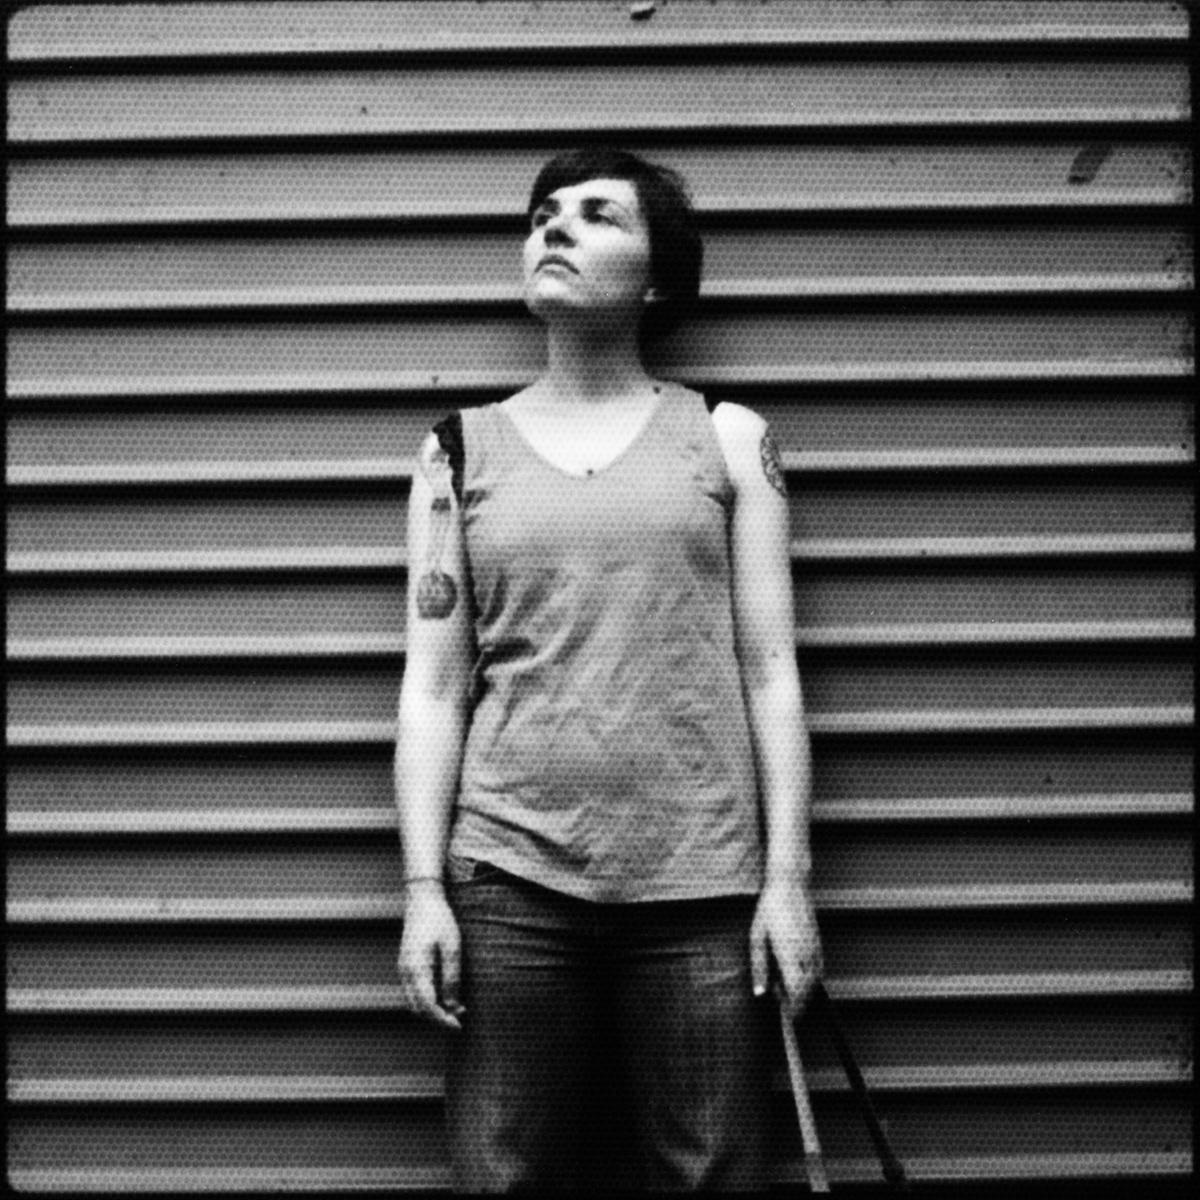 Cécile by Laurent Orseau #2